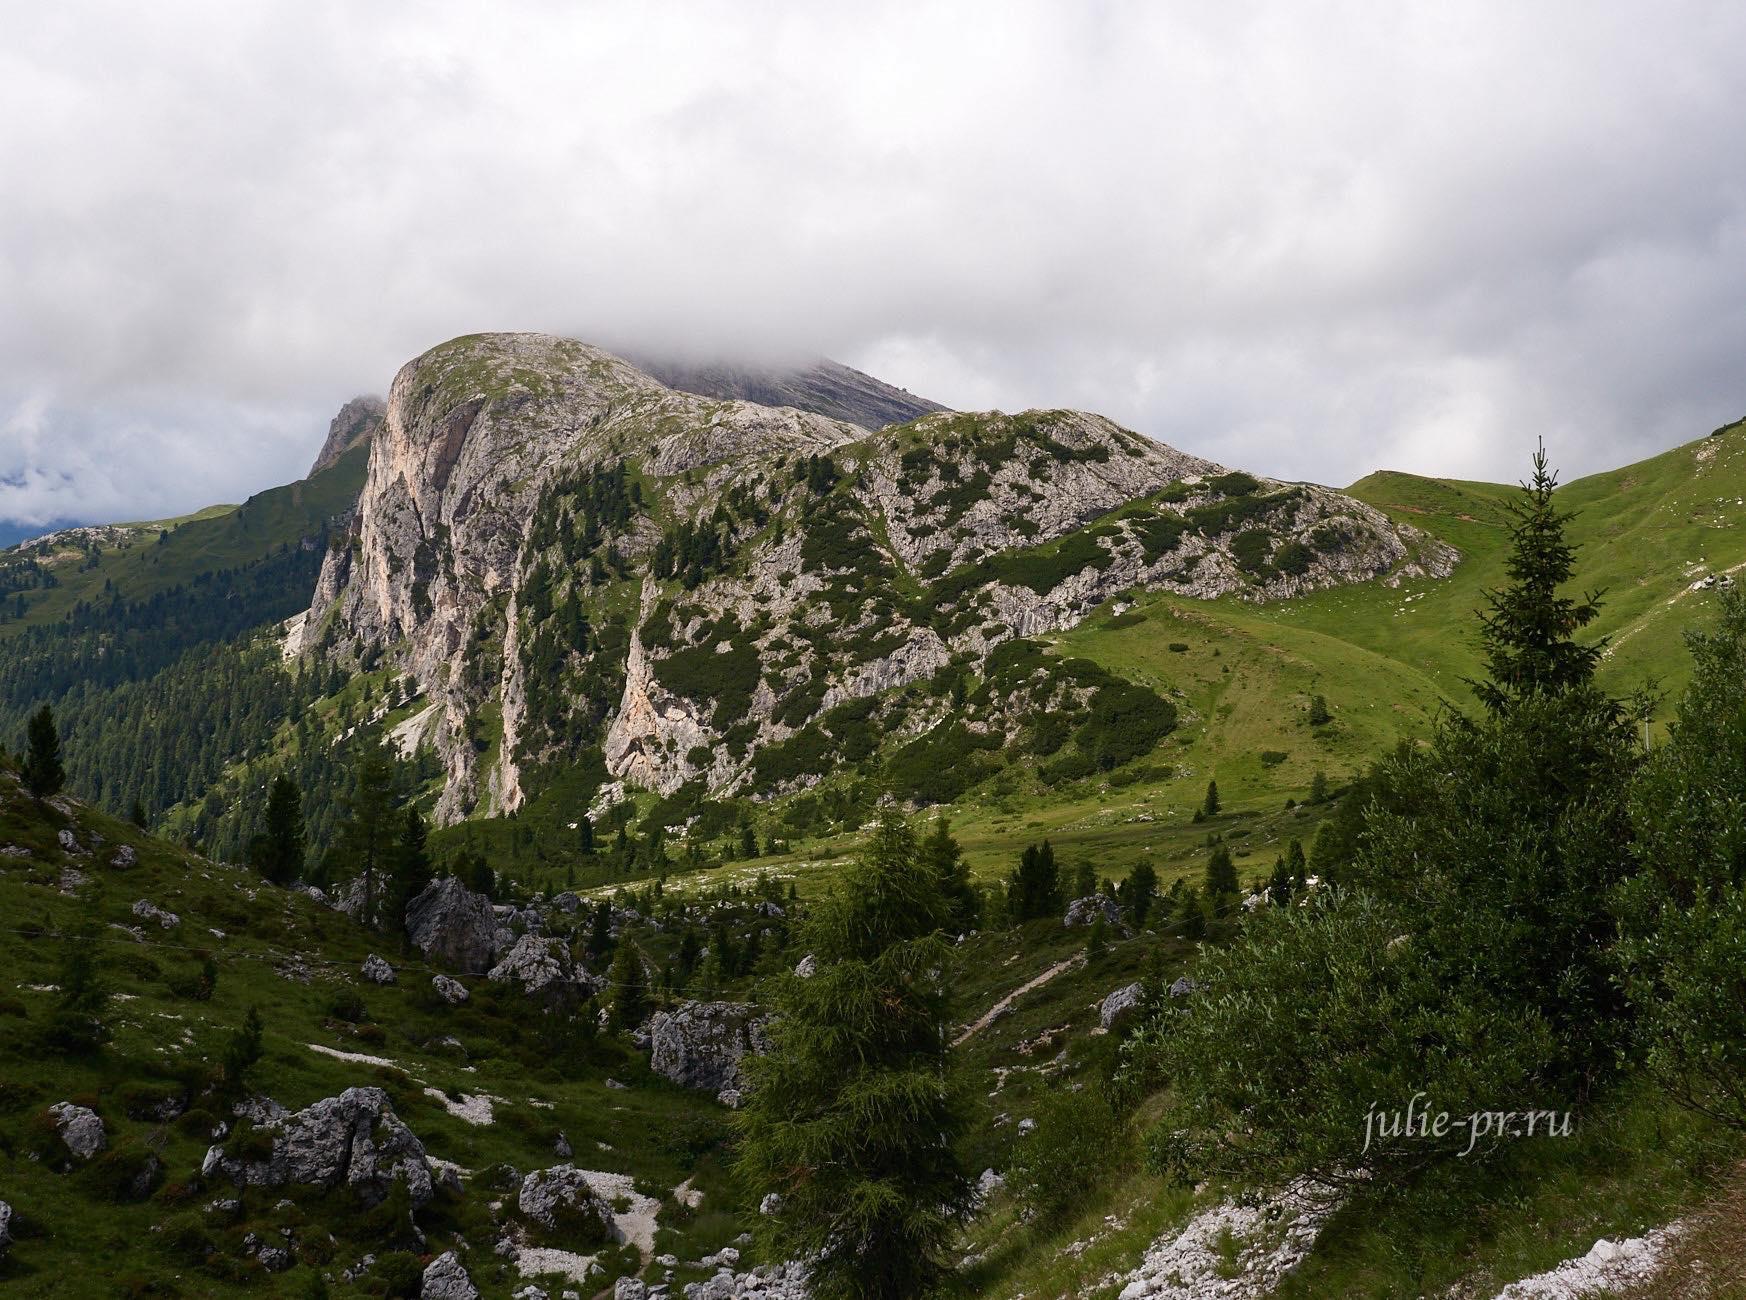 Италия, Альпы, Доломиты, Settsass